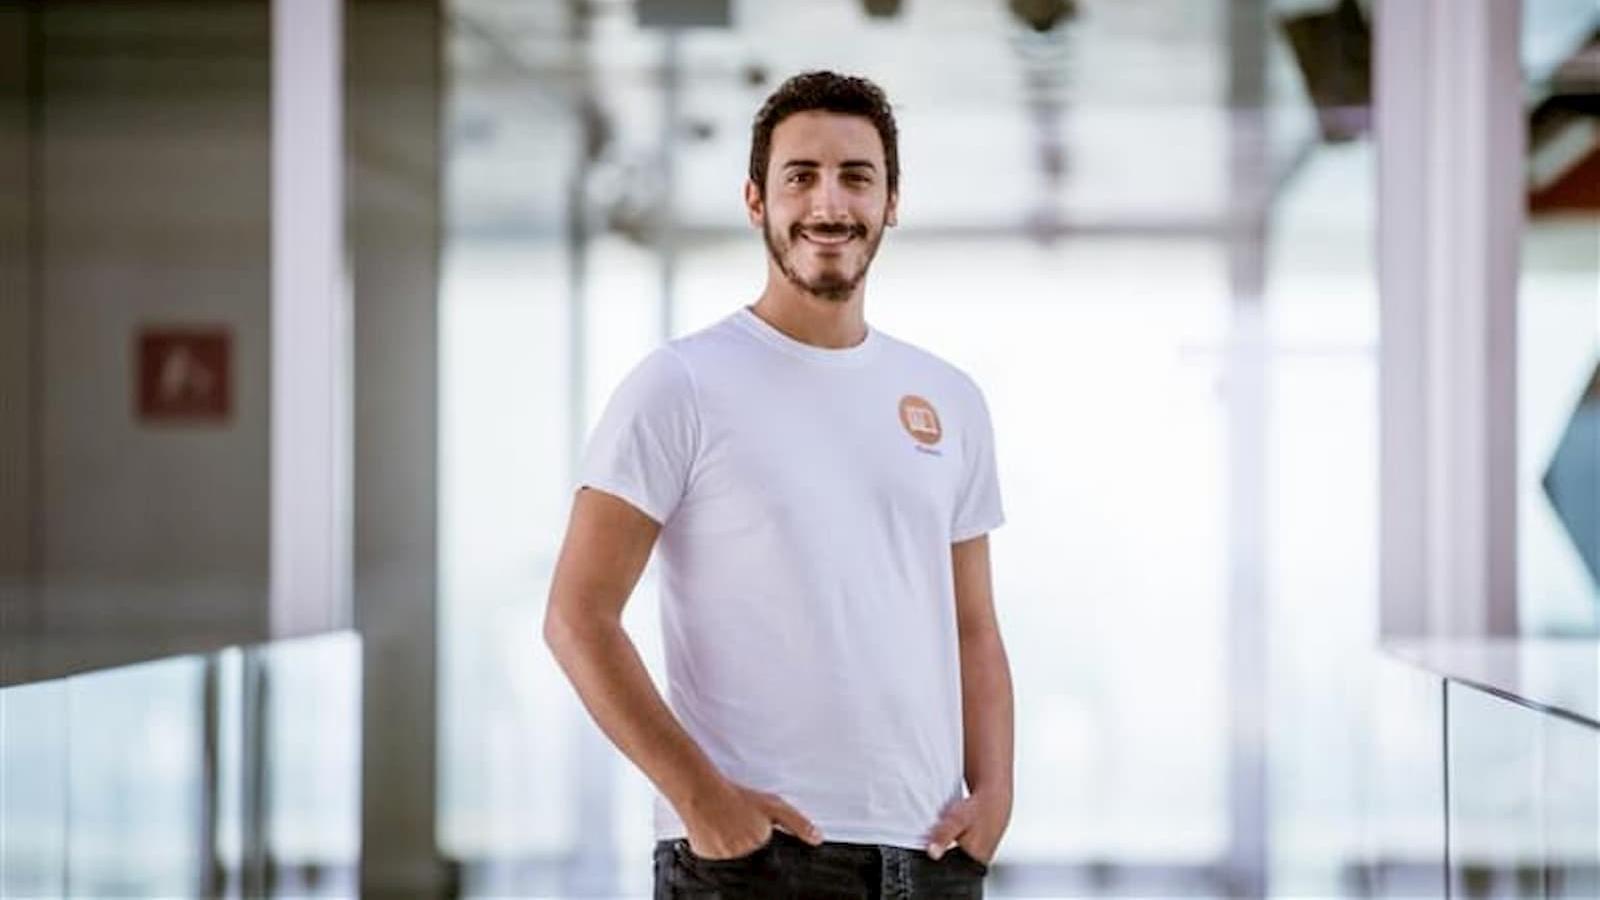 QL Exclusive: An interview with Qatar-based entrepreneur, Haitham Al-Haidari